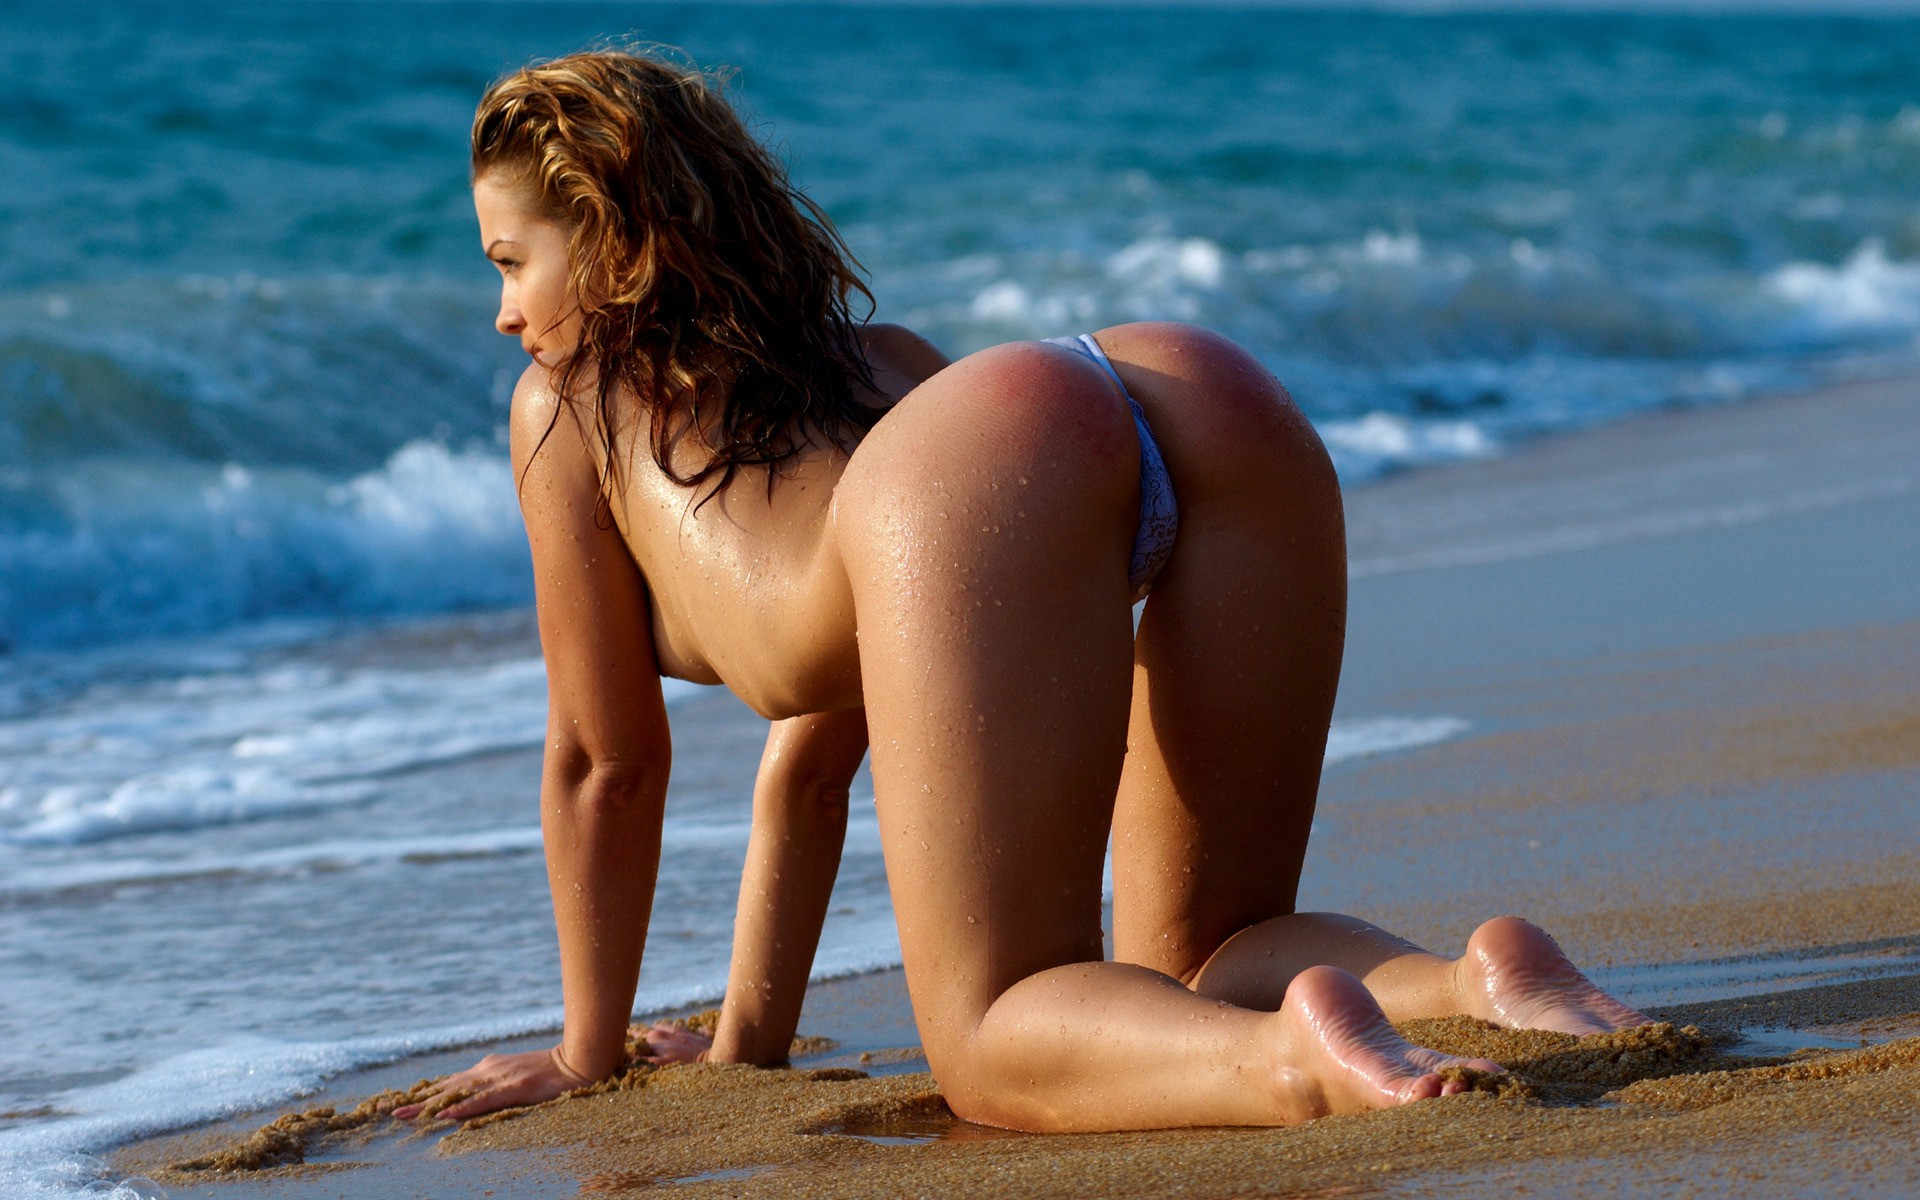 sexy culo in spiaggia